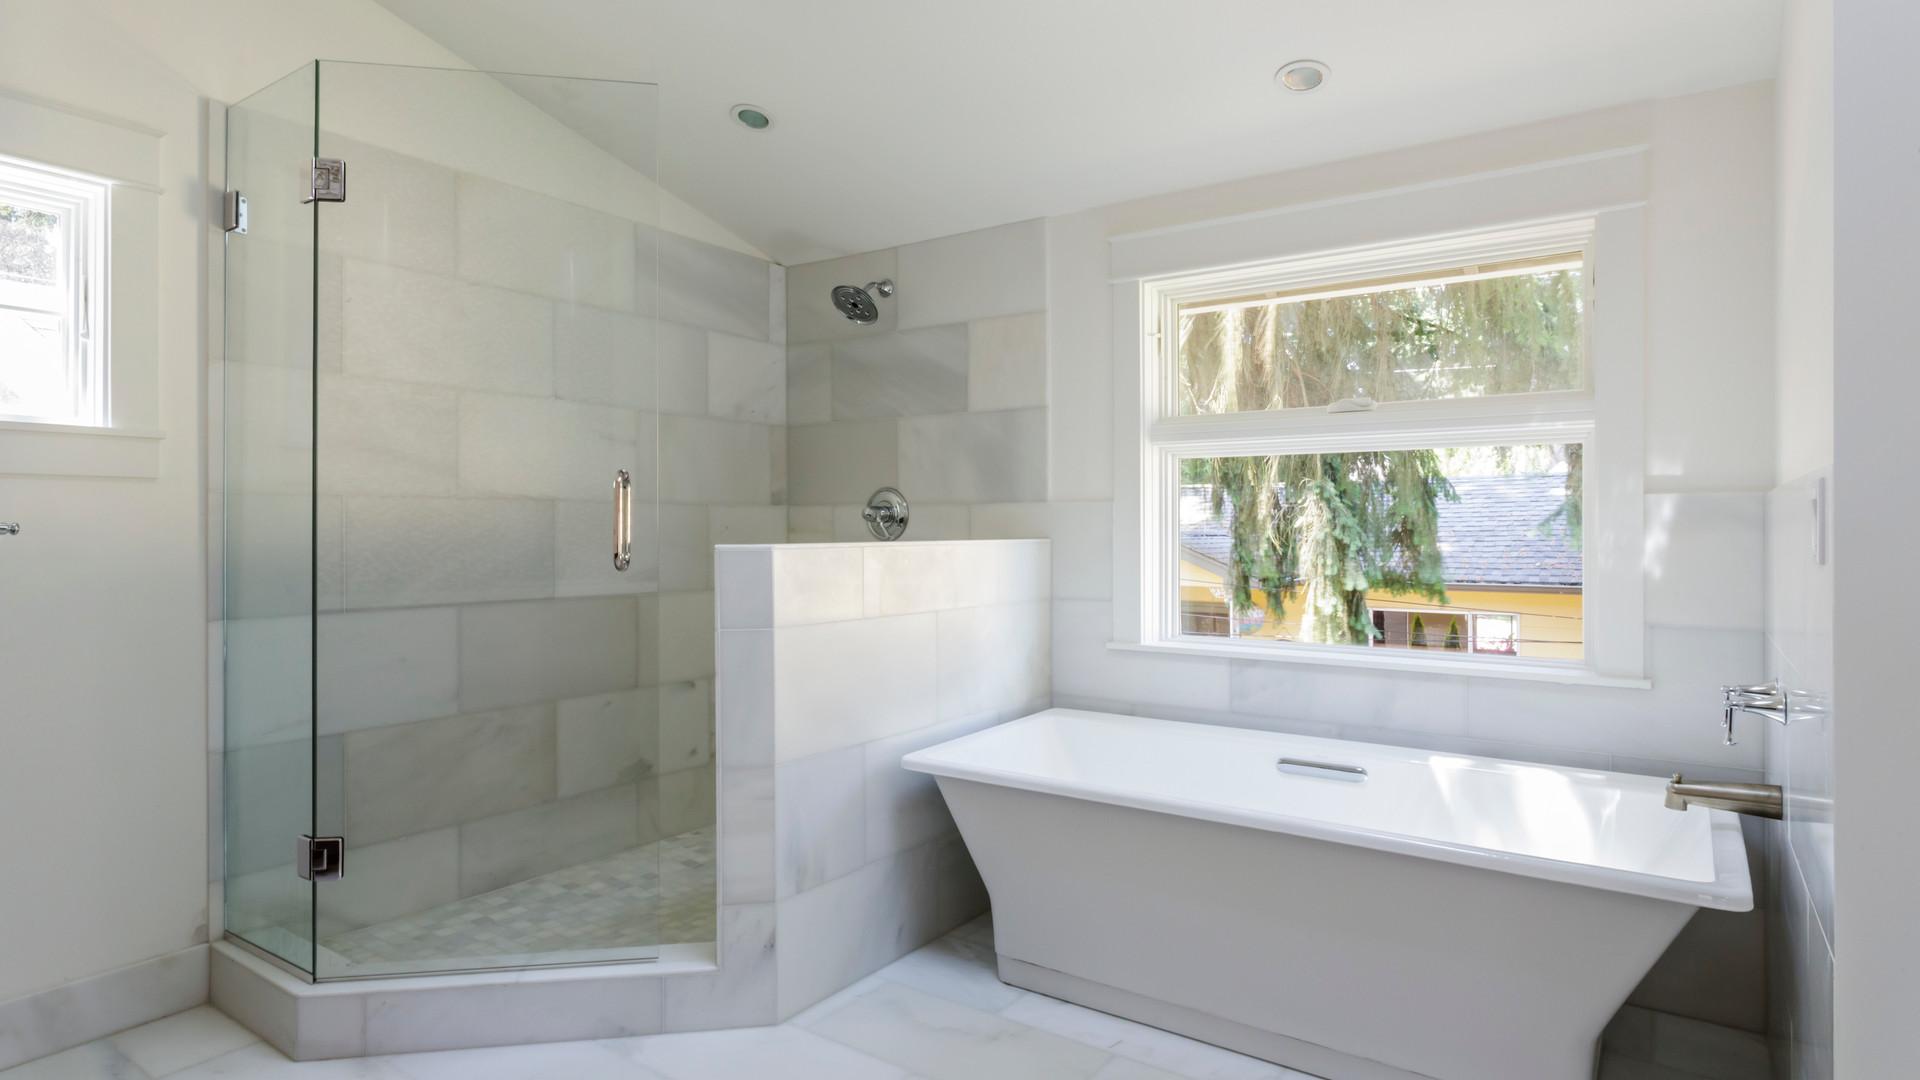 modern-bathroom-with-shower-and-bathtub-